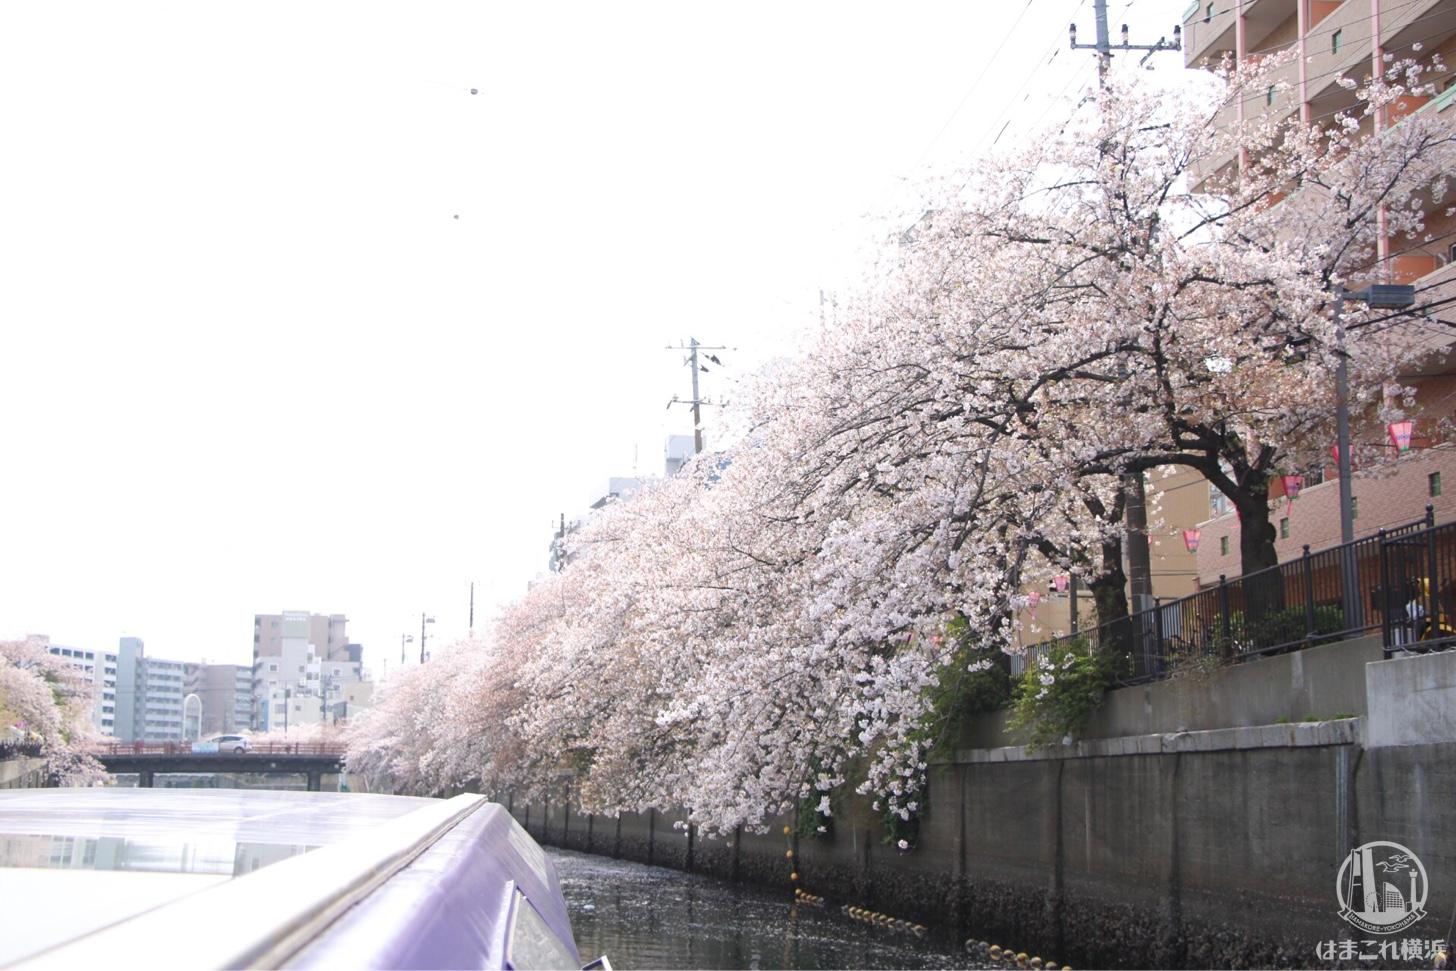 橋をくぐった先に待つ満開の桜